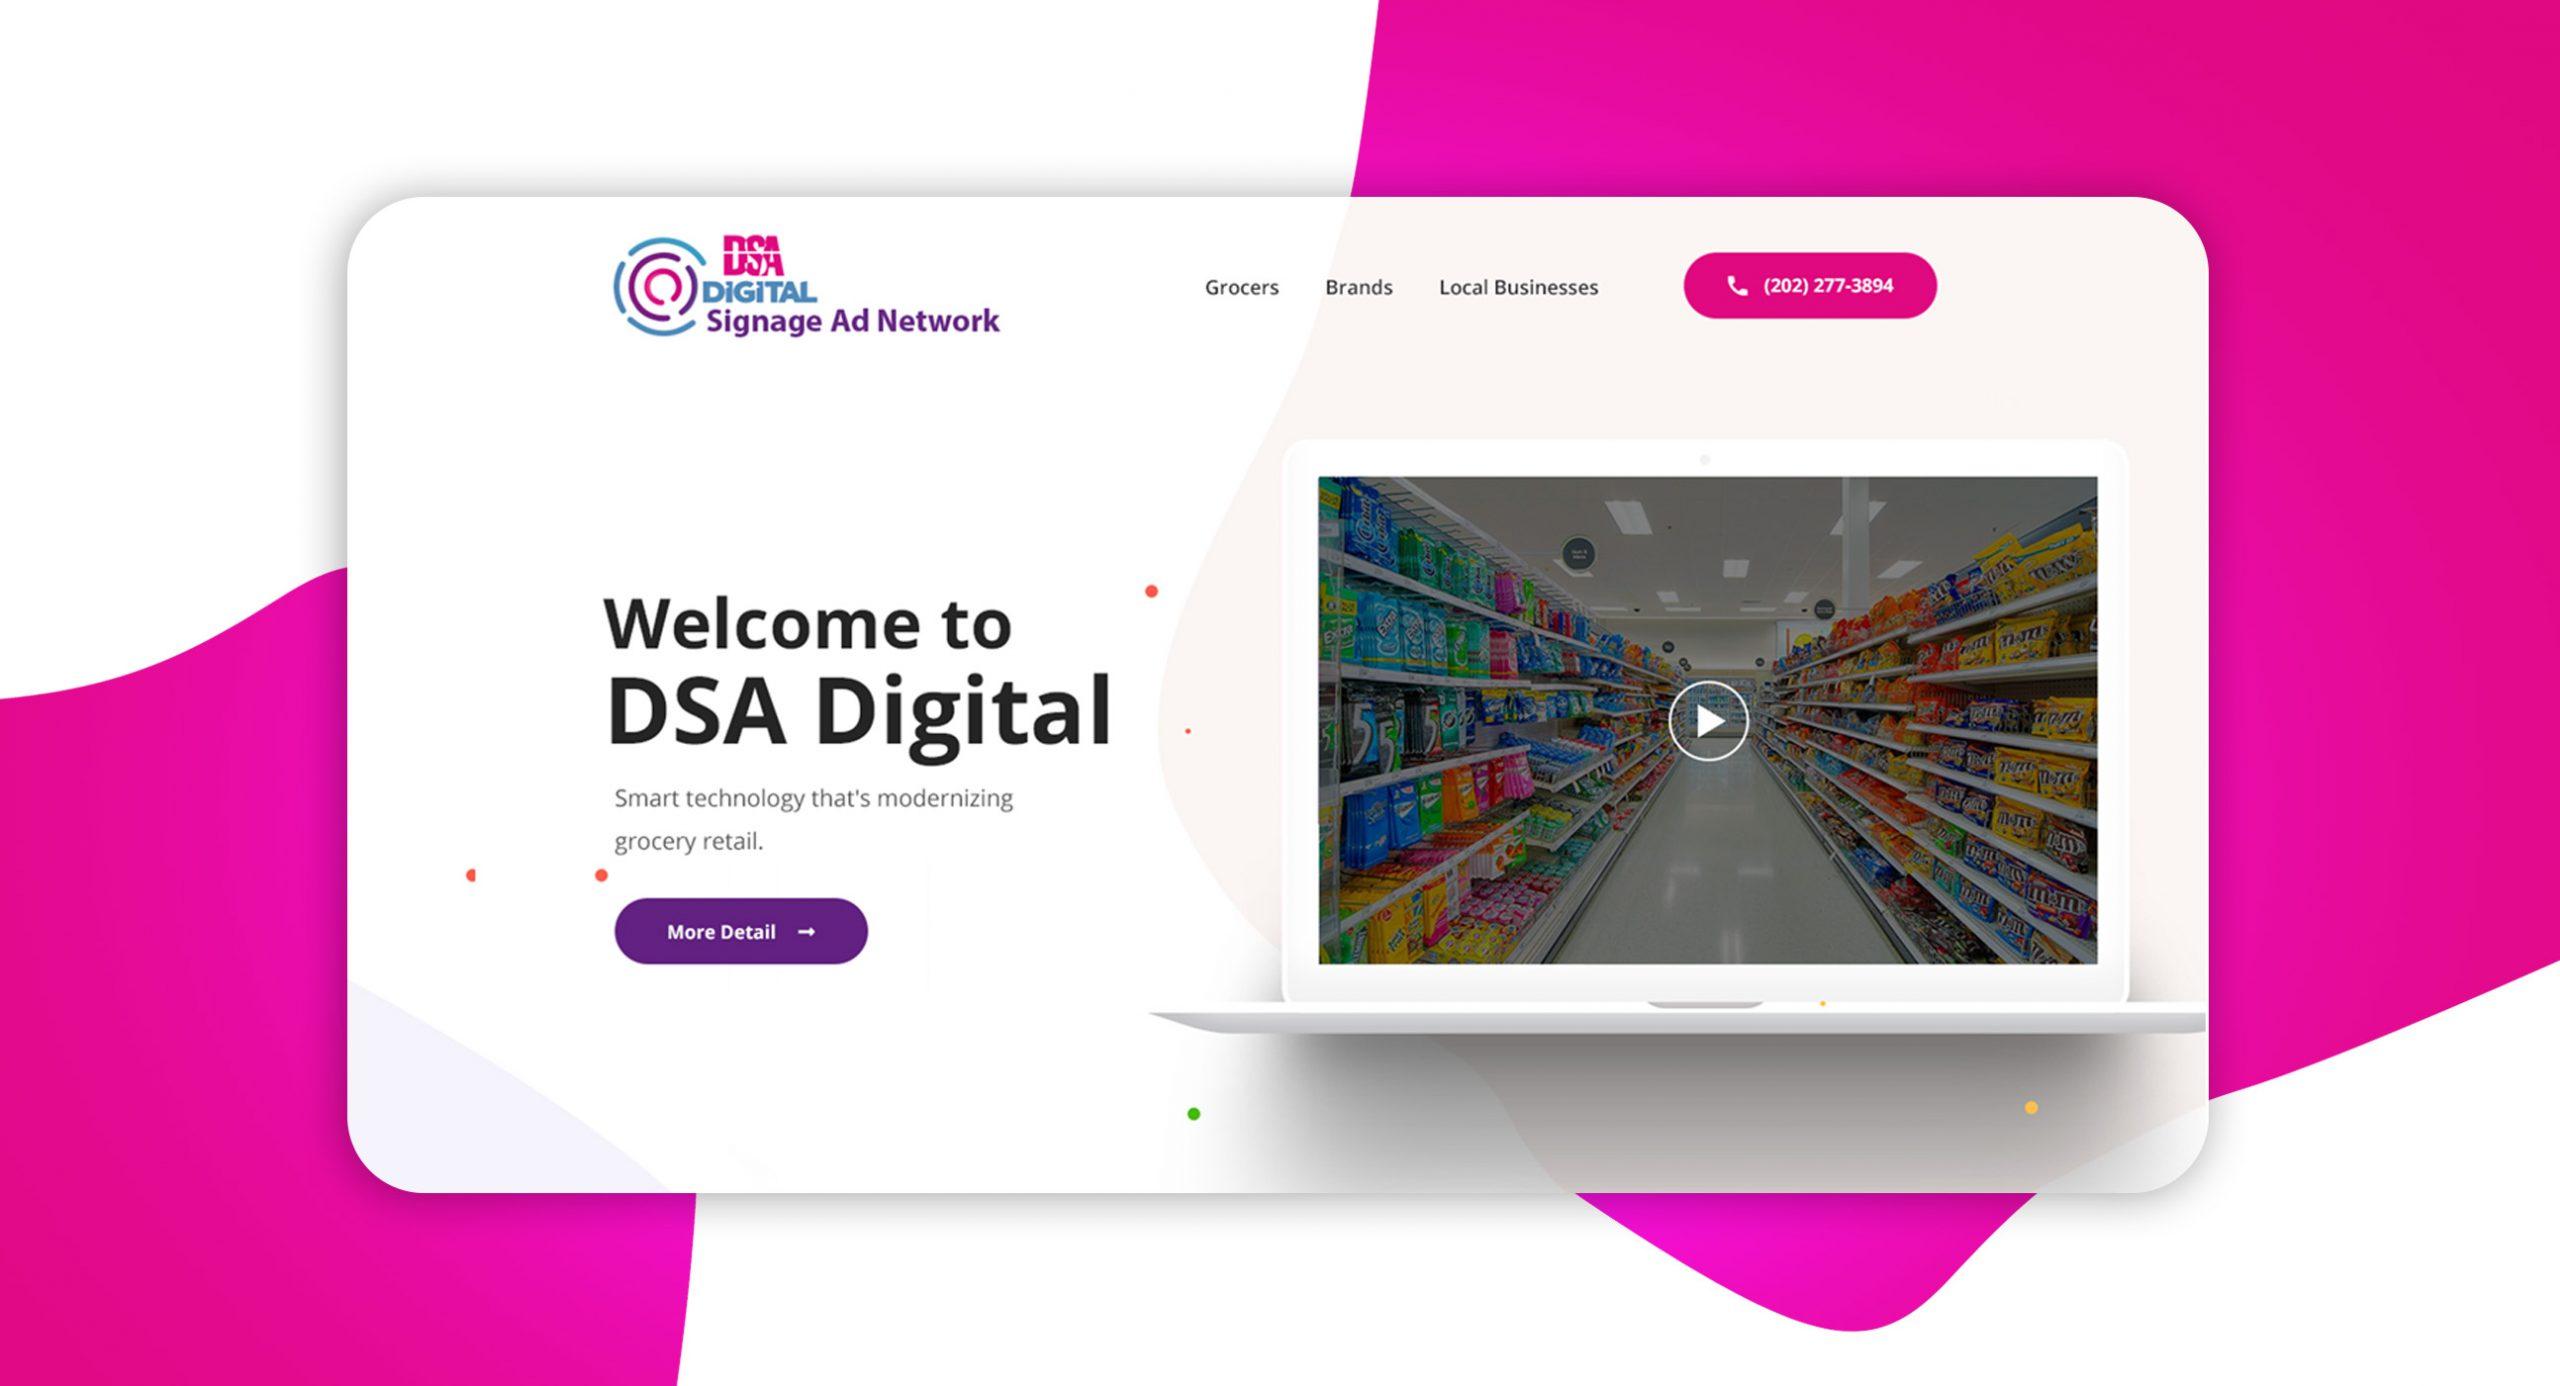 DSA Digital